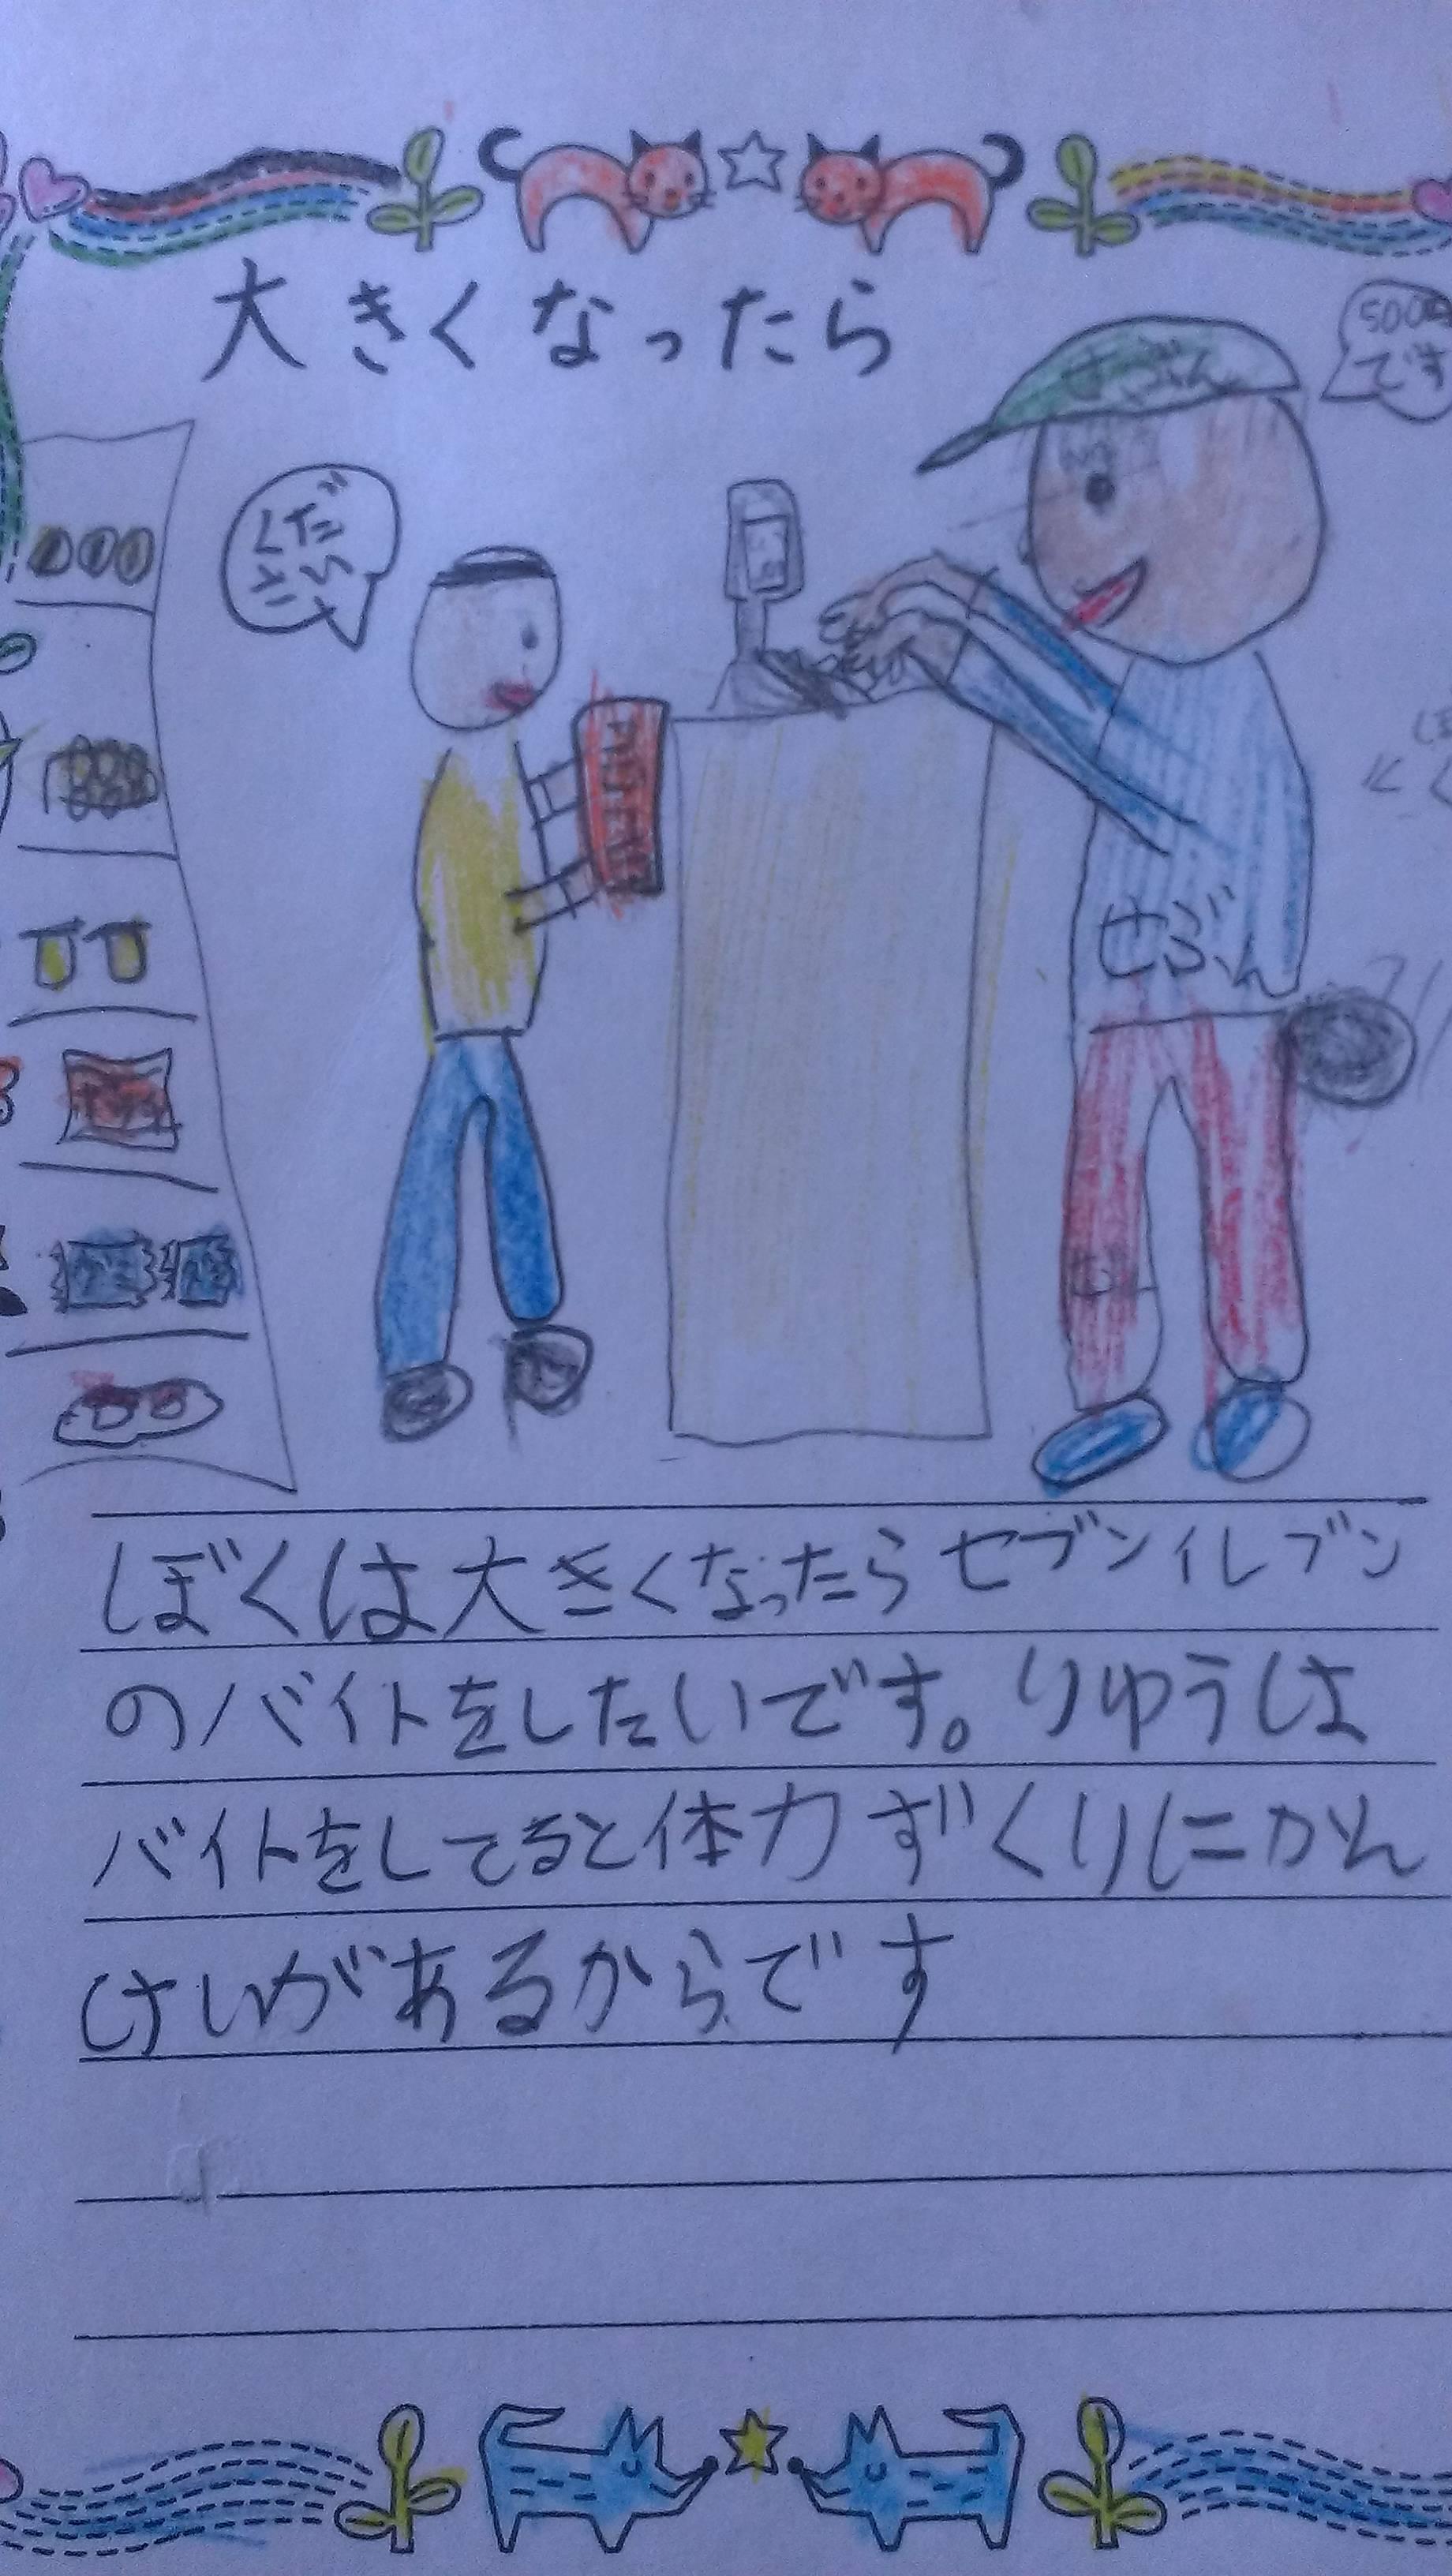 【画像あり】セブンイレブンバイト5年目(24)の俺の小学校の頃の夢wwwwwwwwwwww